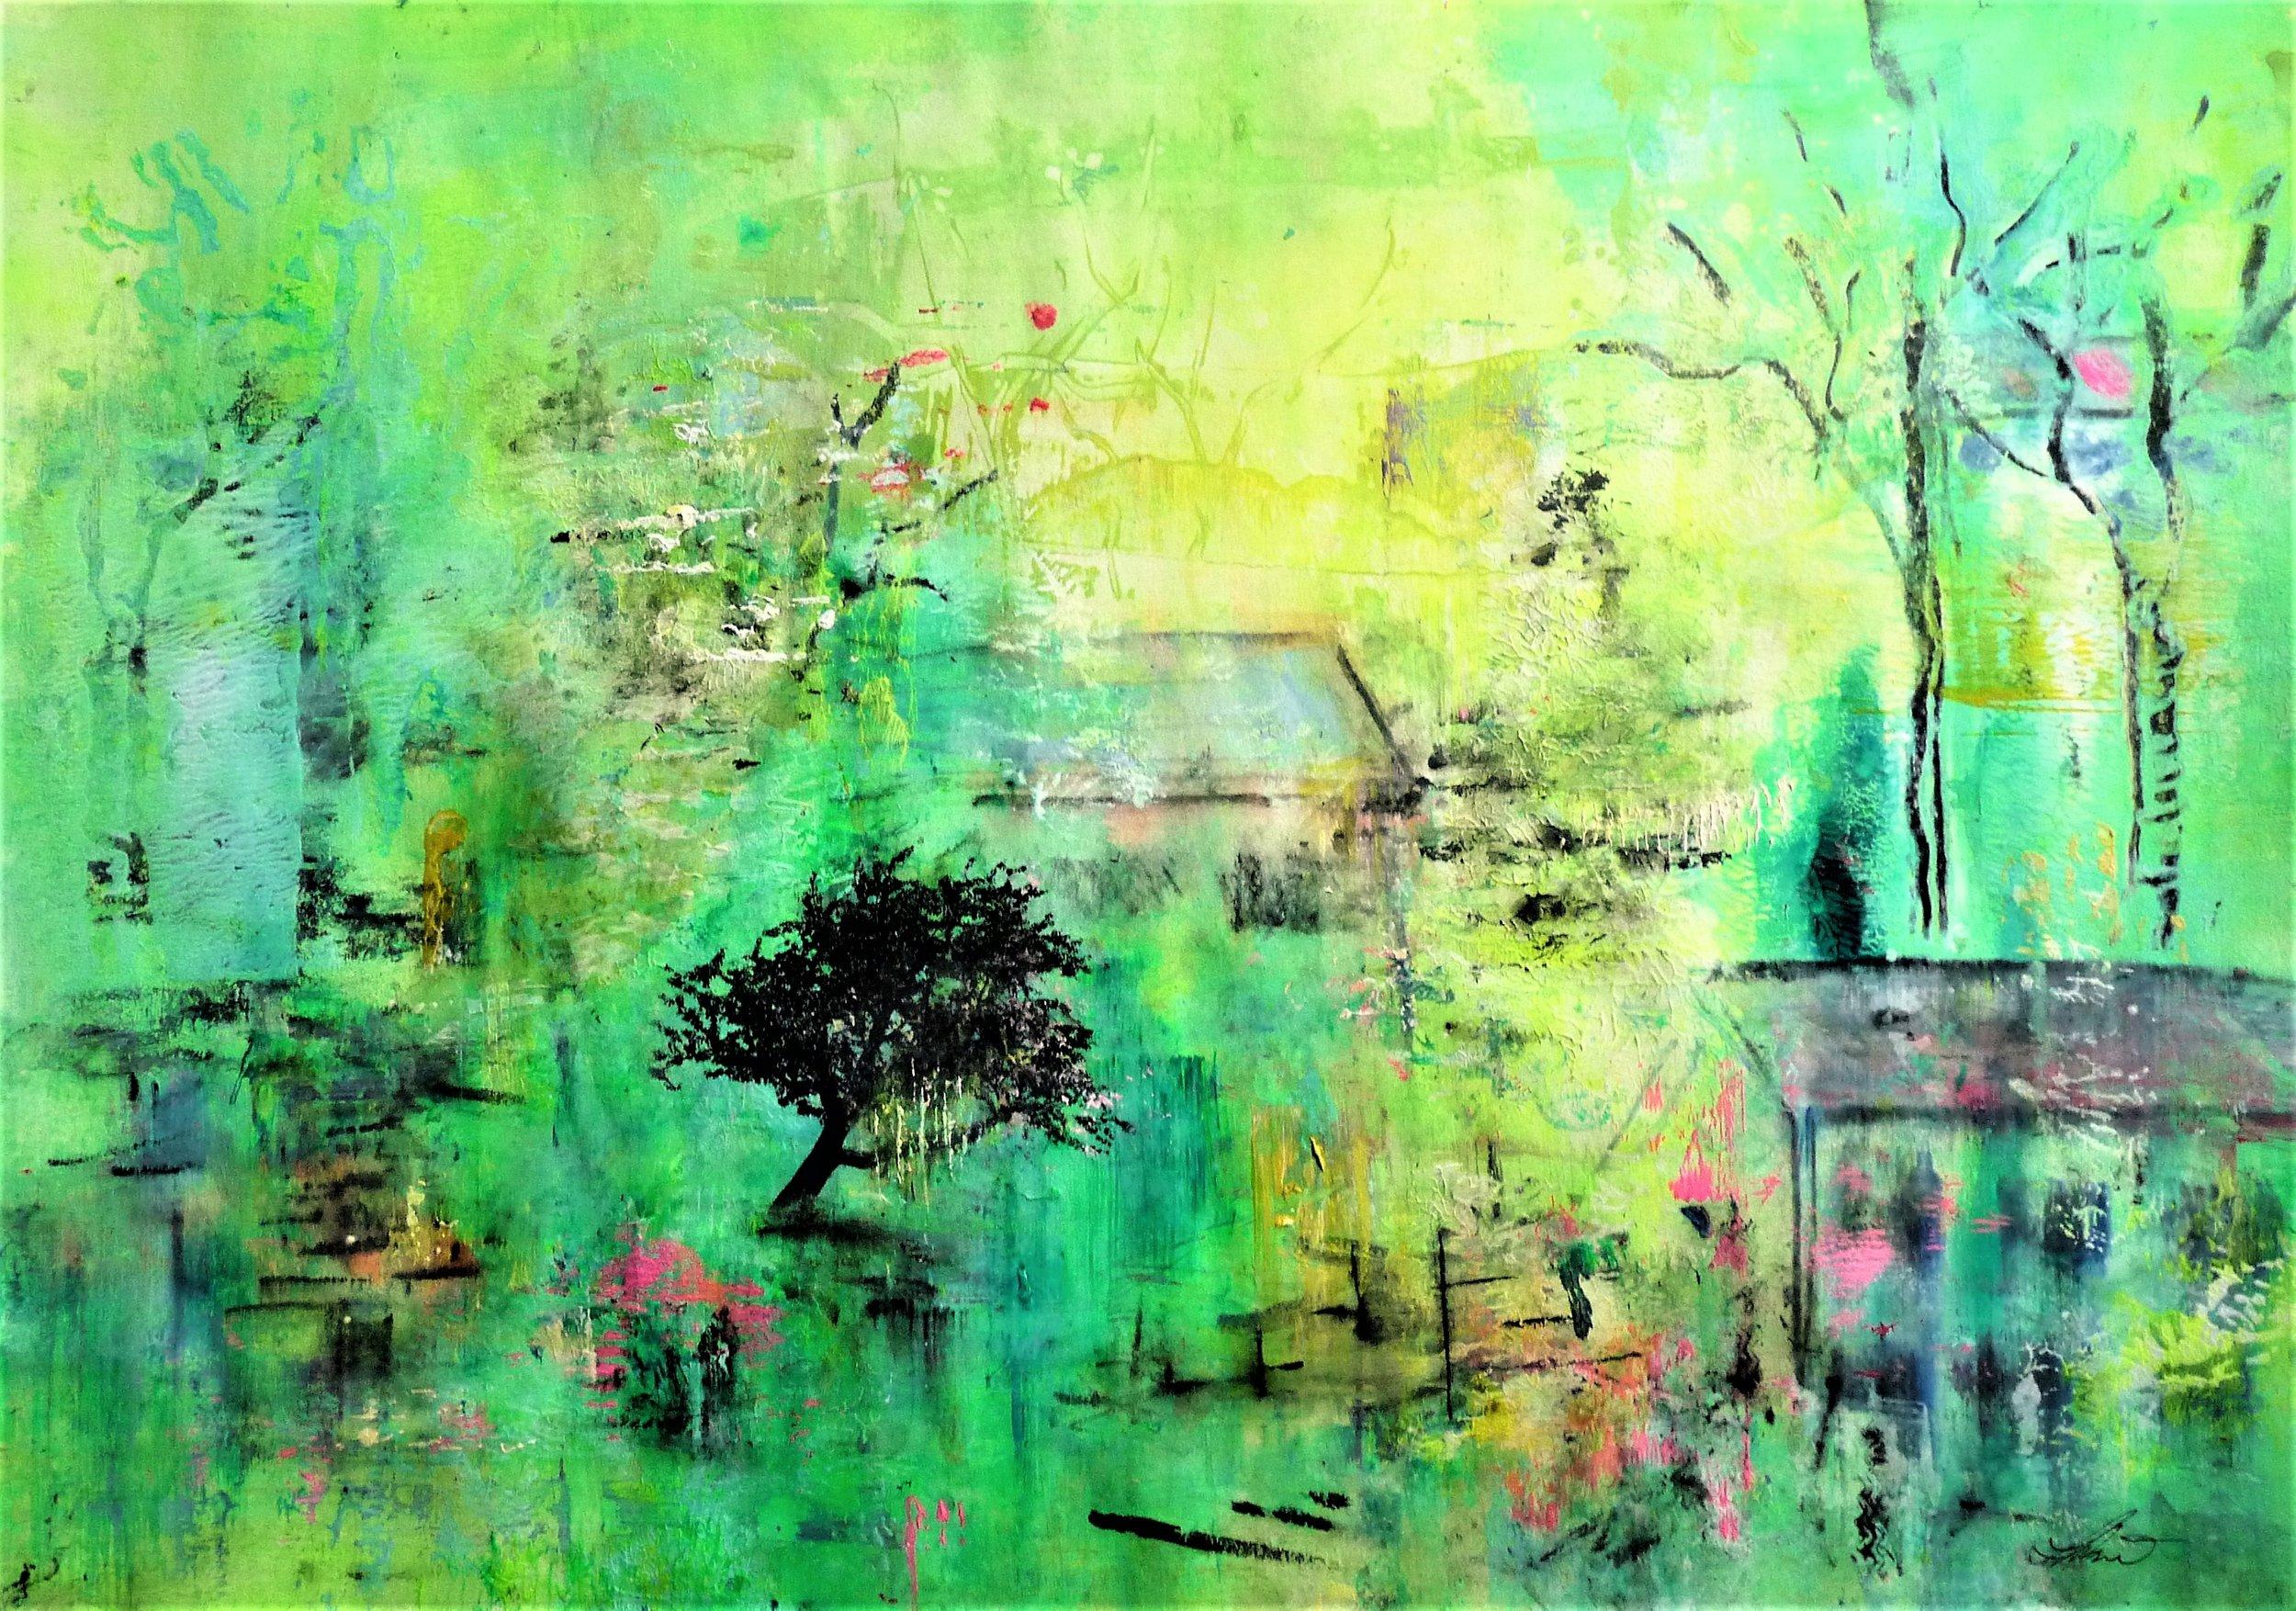 The Wishing Tree   Lisajane Braun.jpg